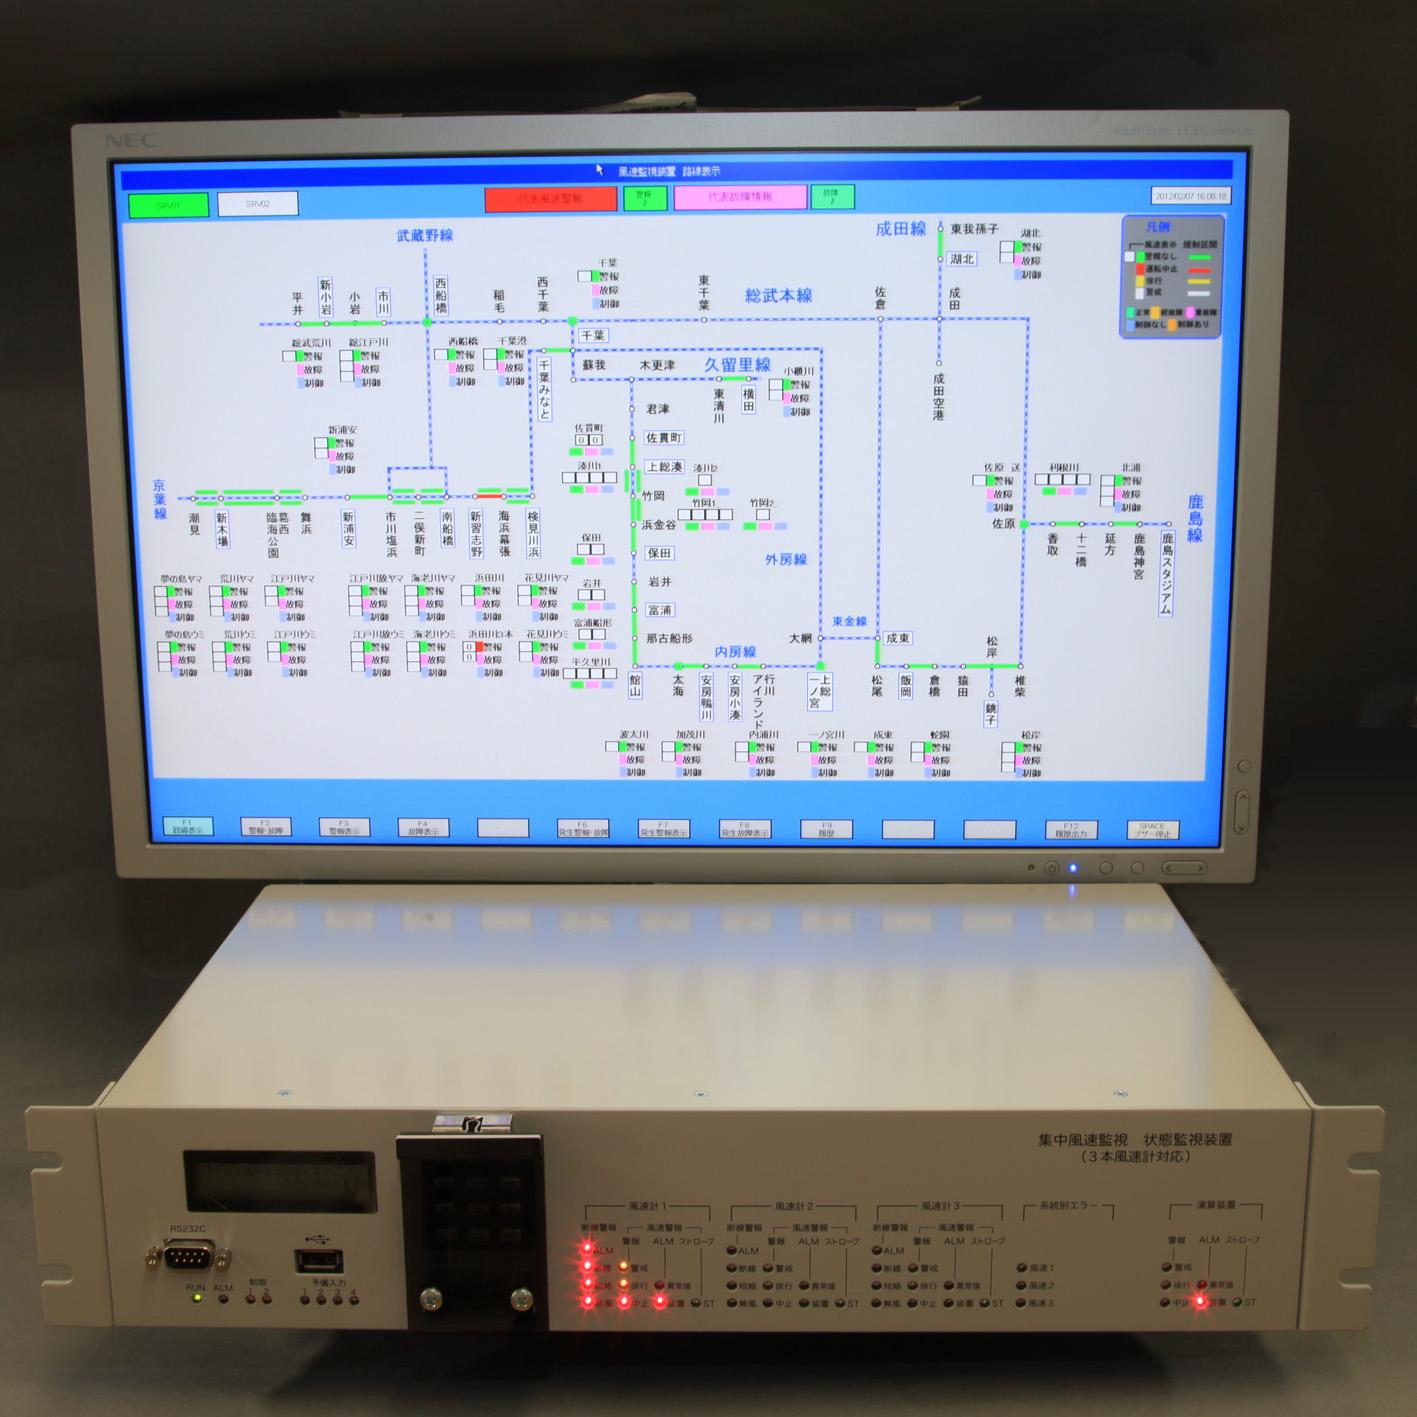 鉄道の監視制御・情報機器